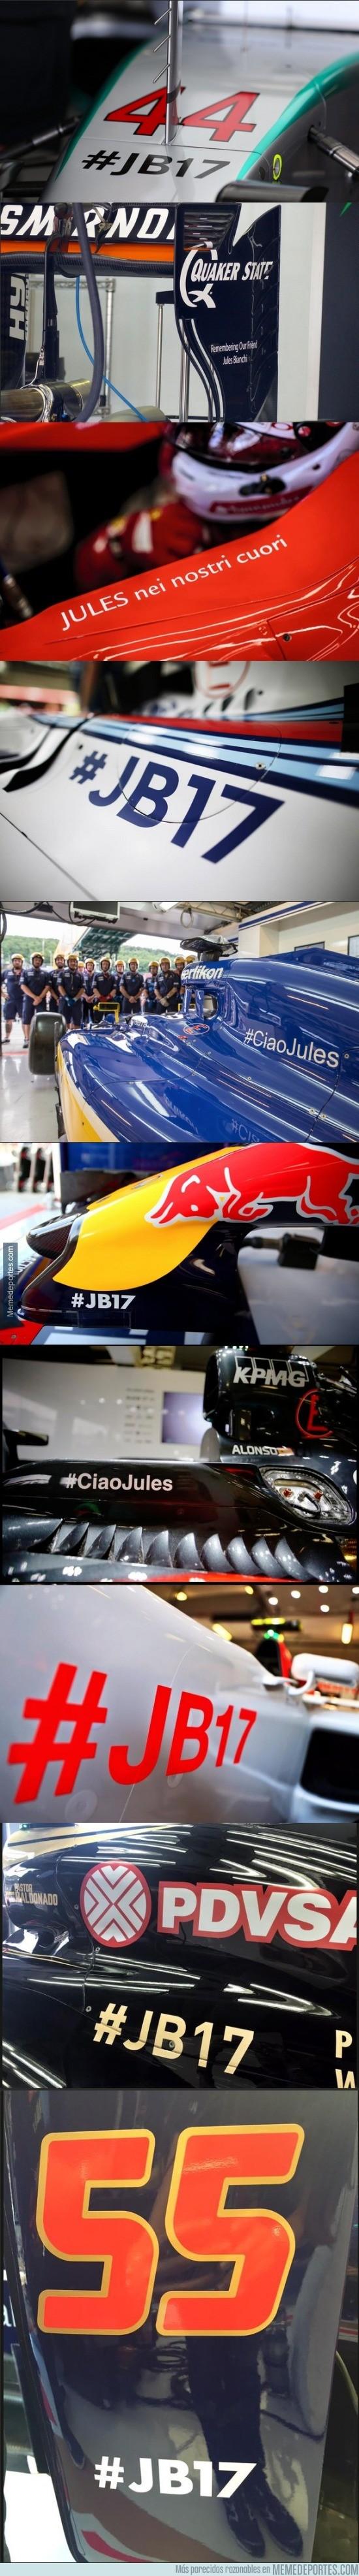 642797 - La F1 recuerda a Bianchi en Hungría #JB17 #CiaoJules